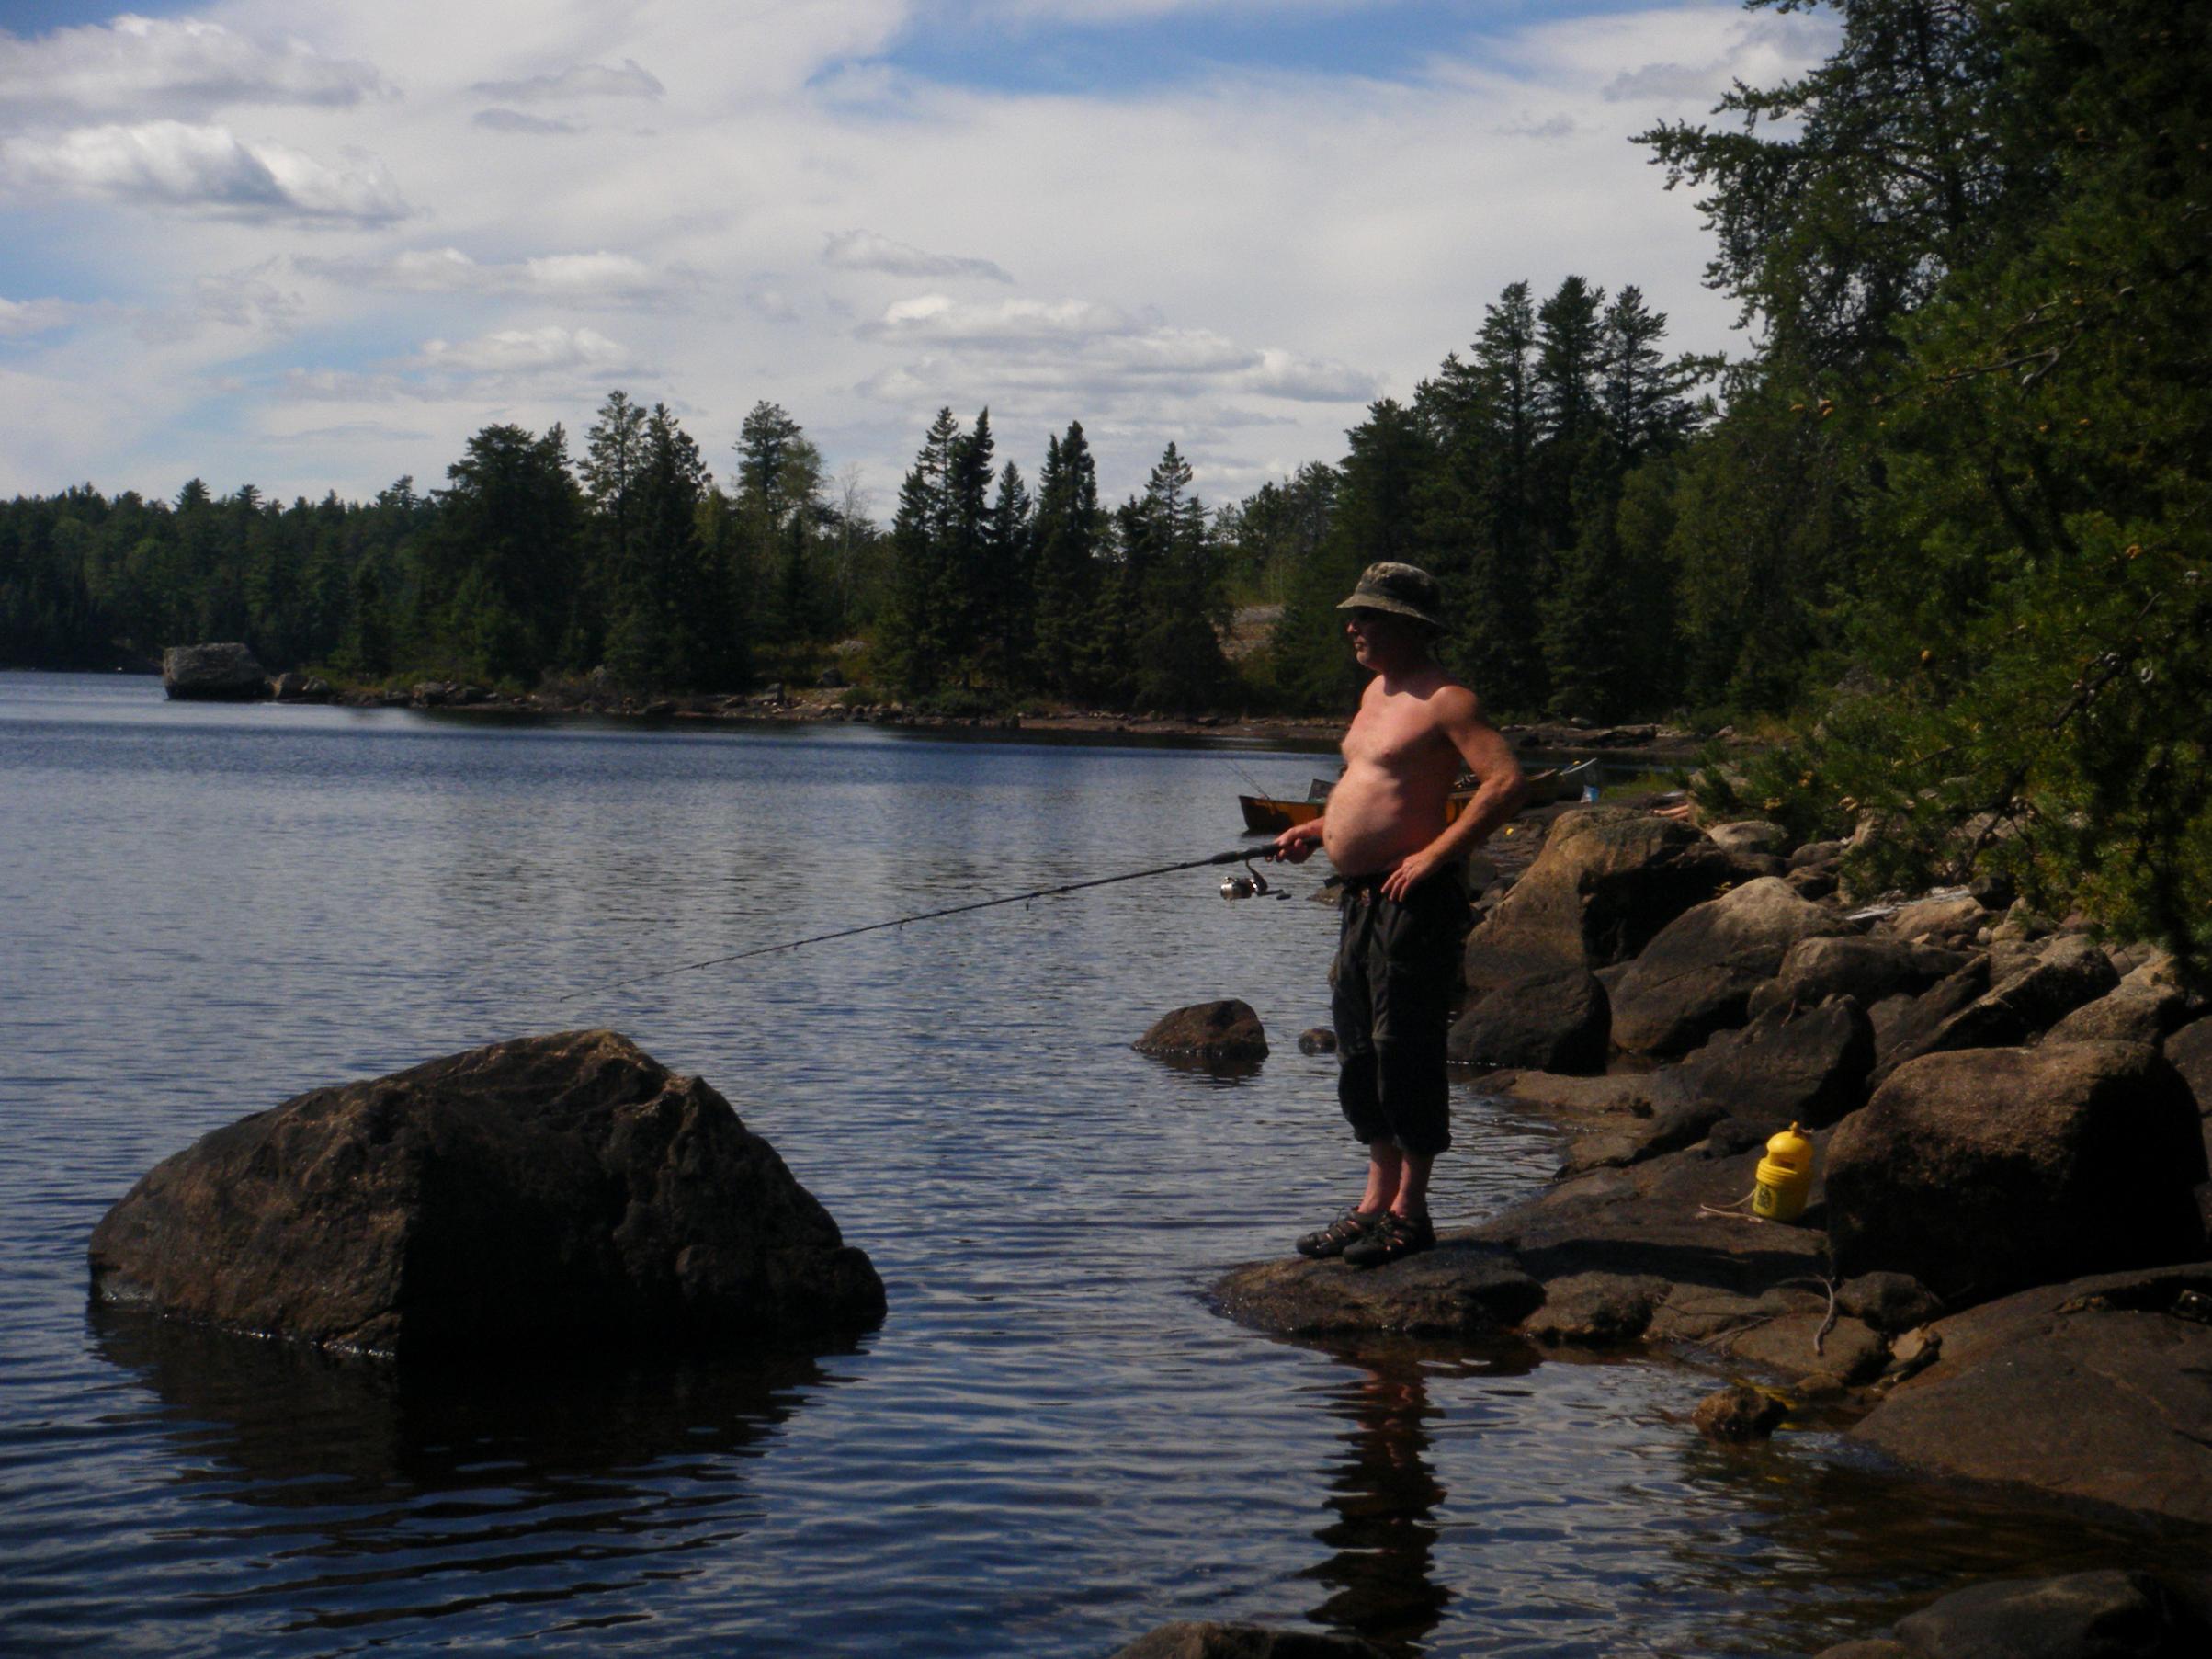 Bwca favorite fishing pics boundary waters fishing forum for Boundary waters fishing